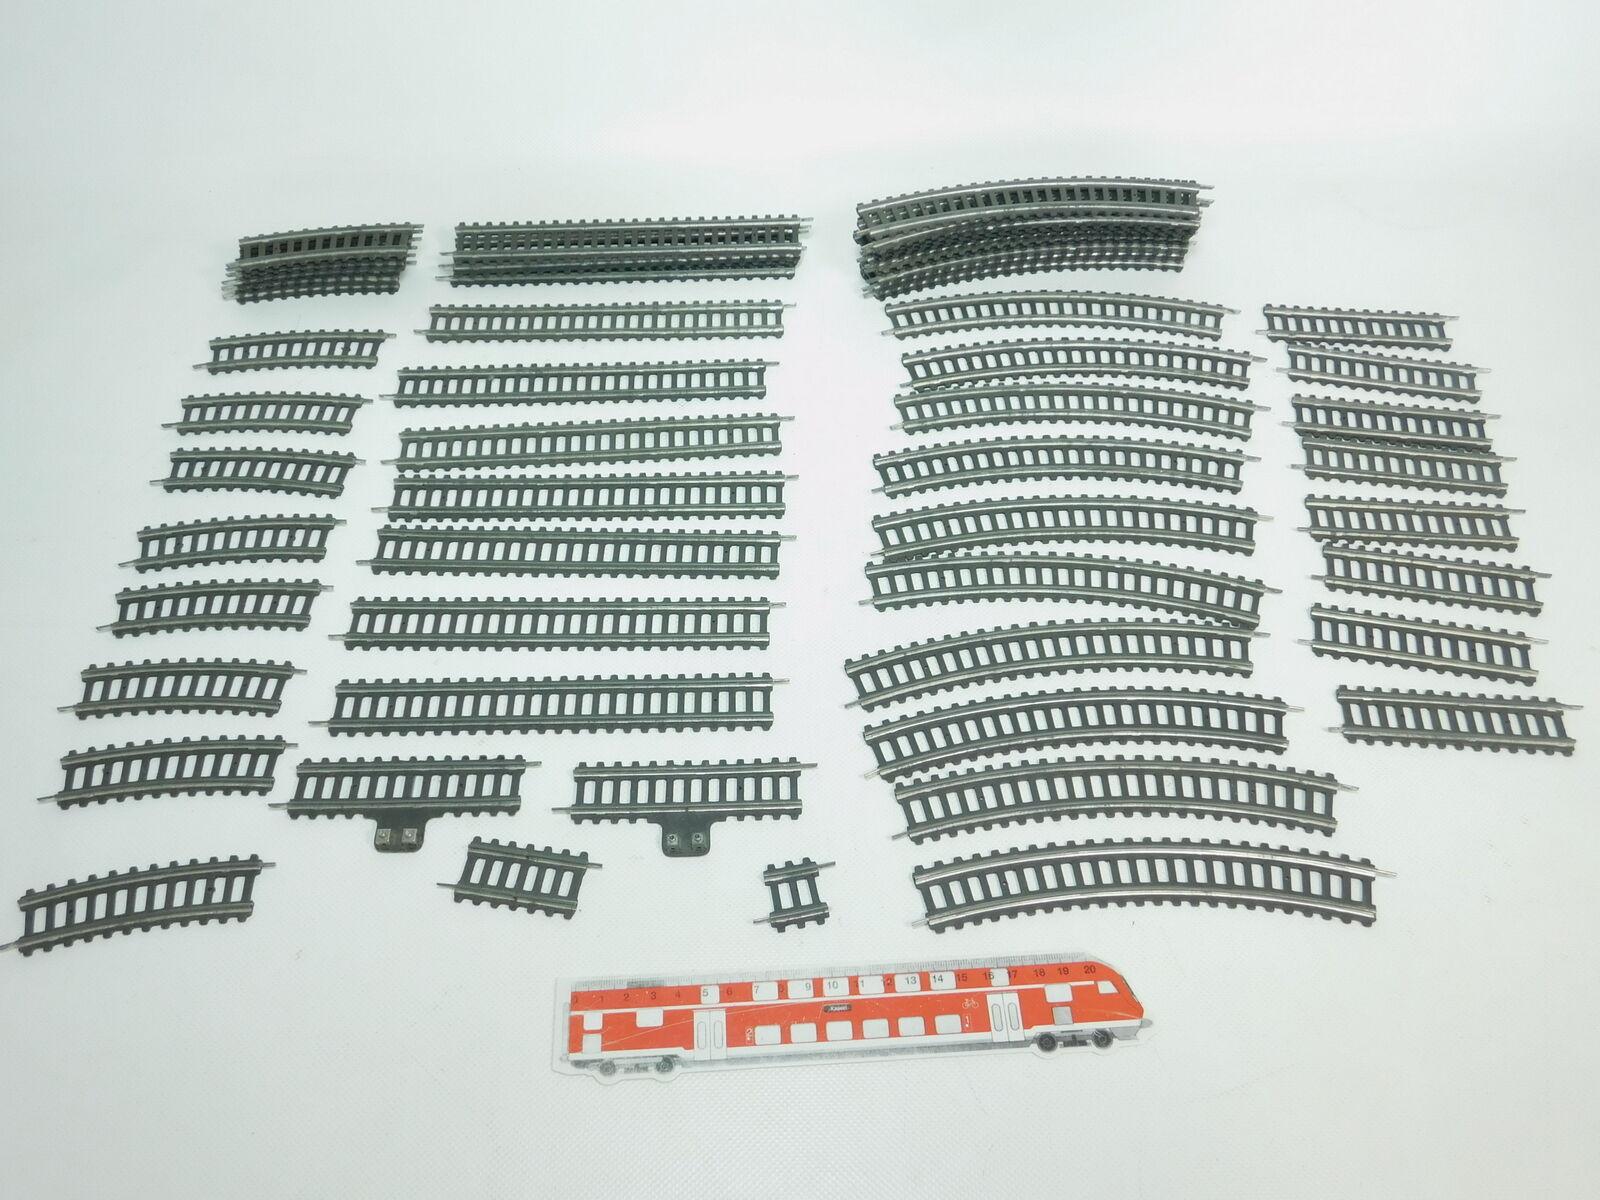 Bk277-1  57x Fleischuomon di autotone soglia h0 h0 h0 dc binario  pezzo di compensazione etc 456fcb